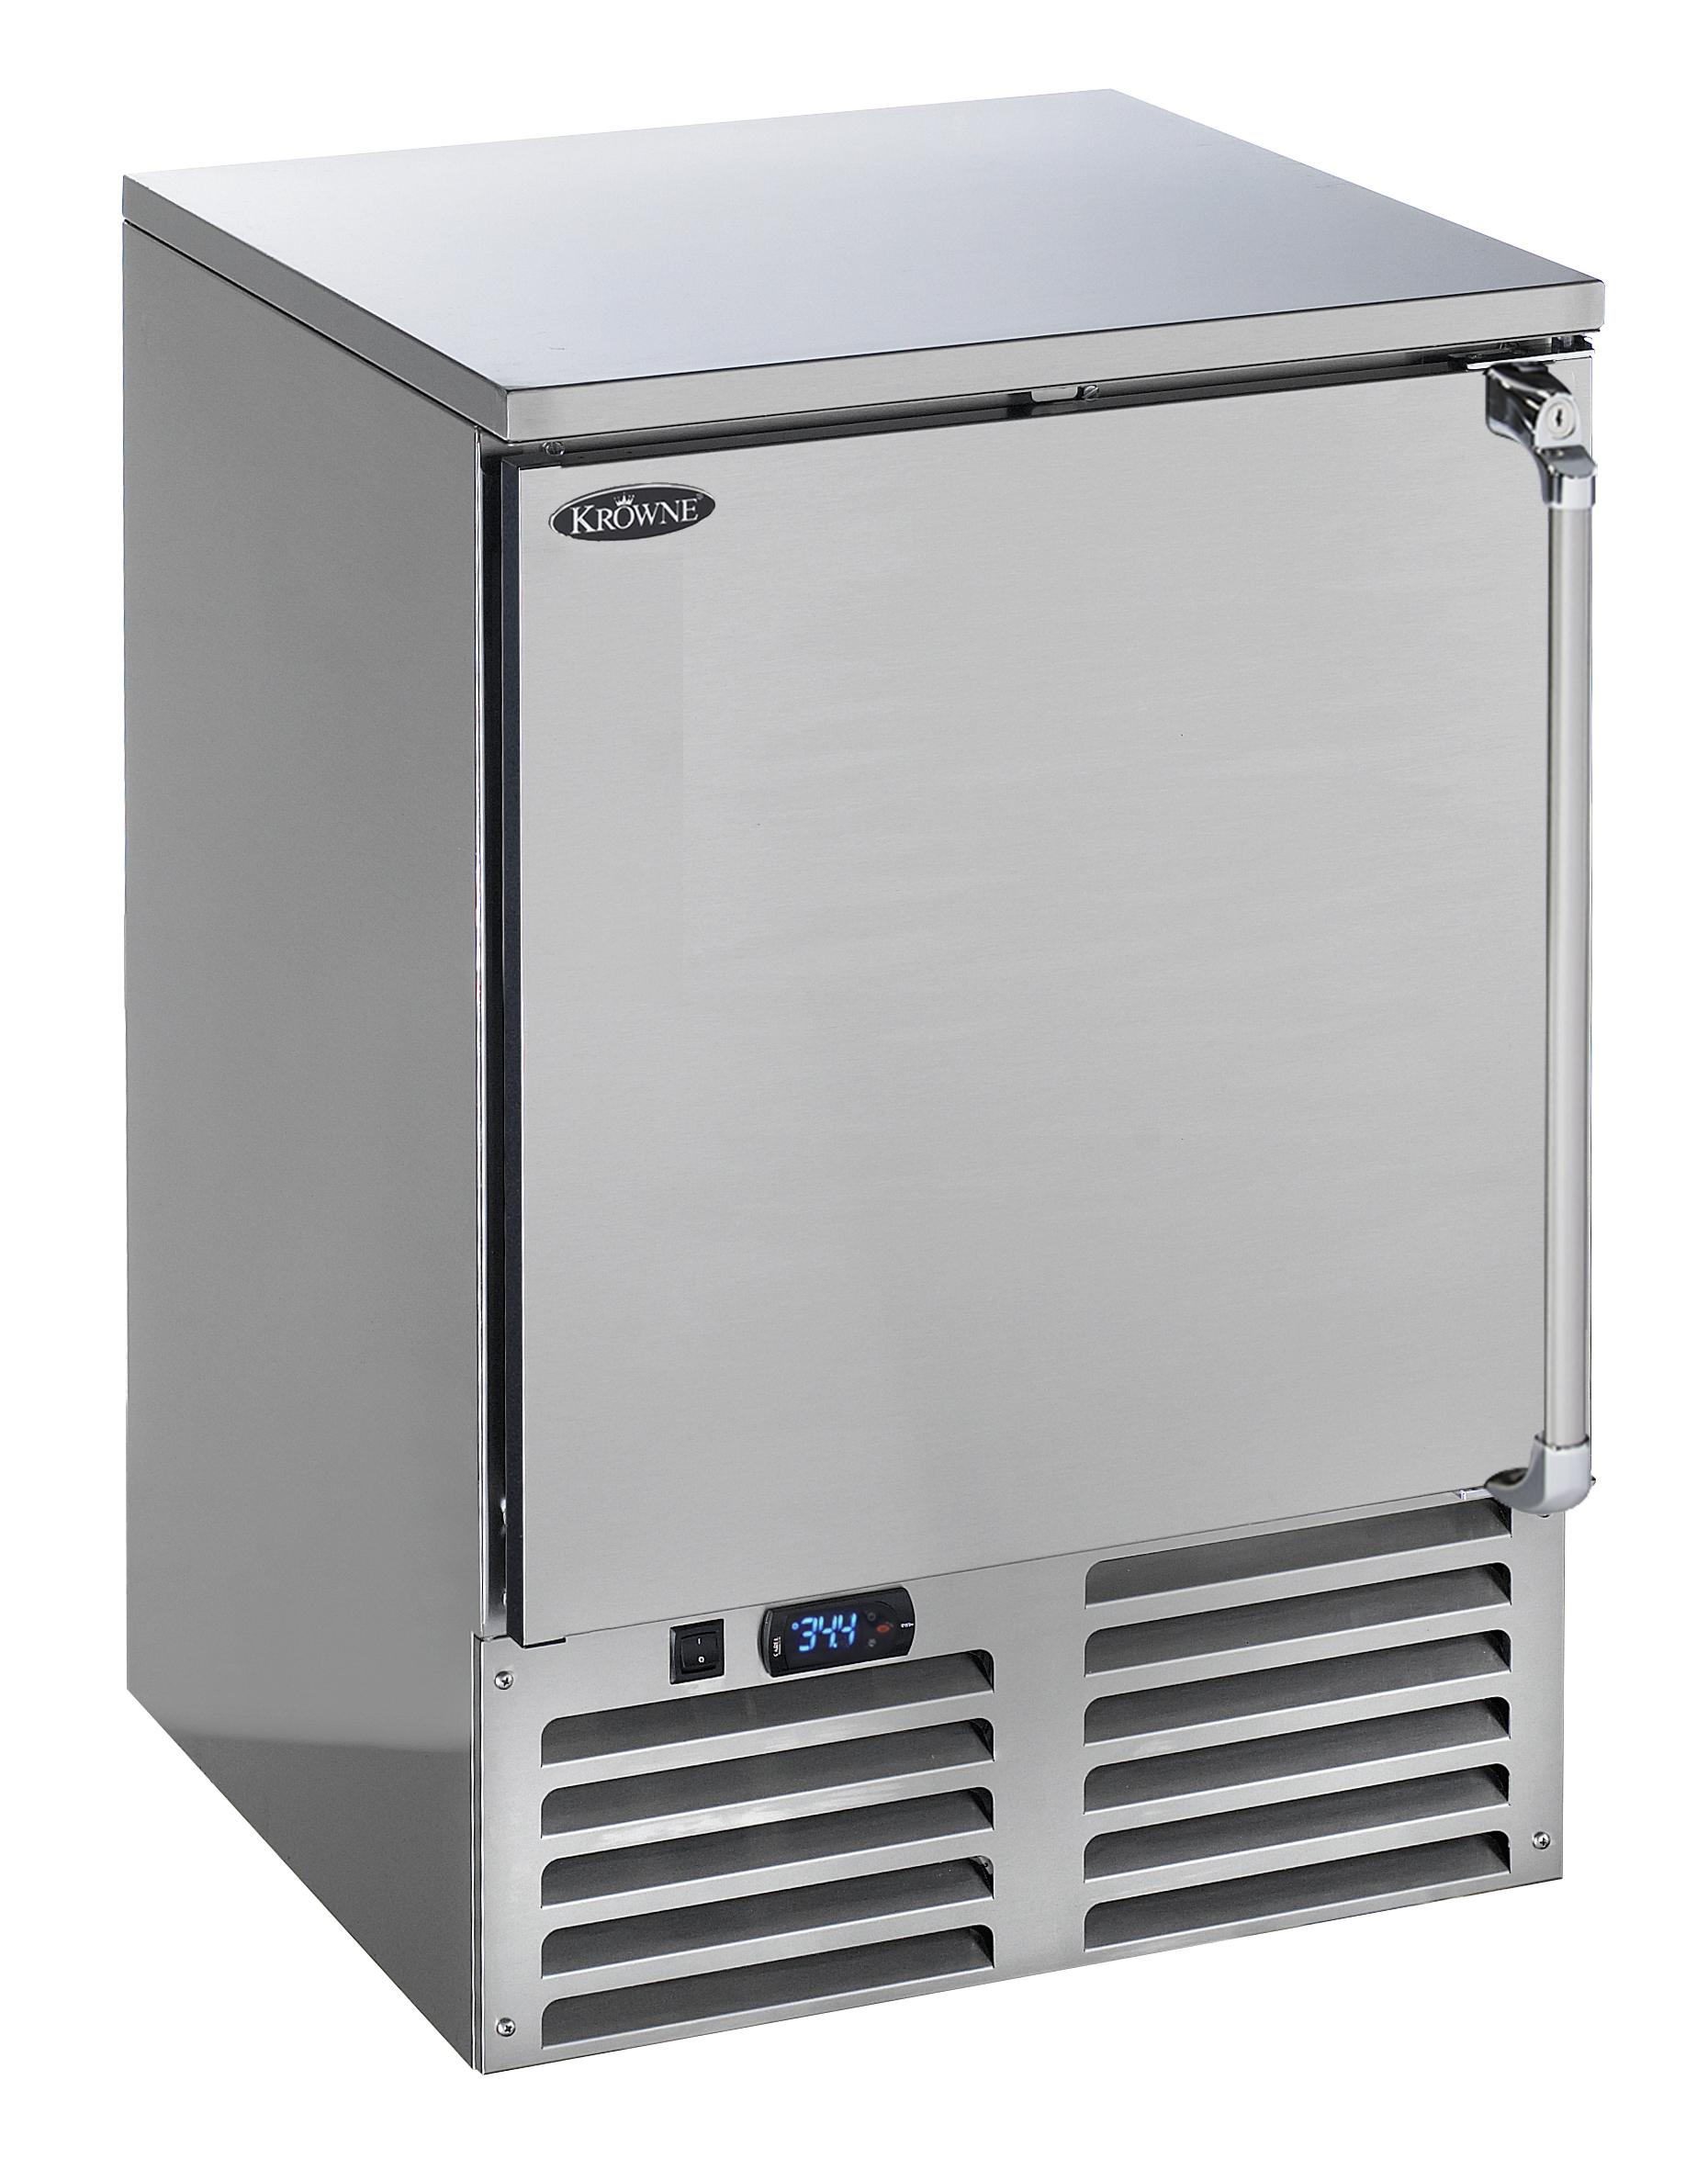 Krowne Metal FMC24-SS-L refrigeration